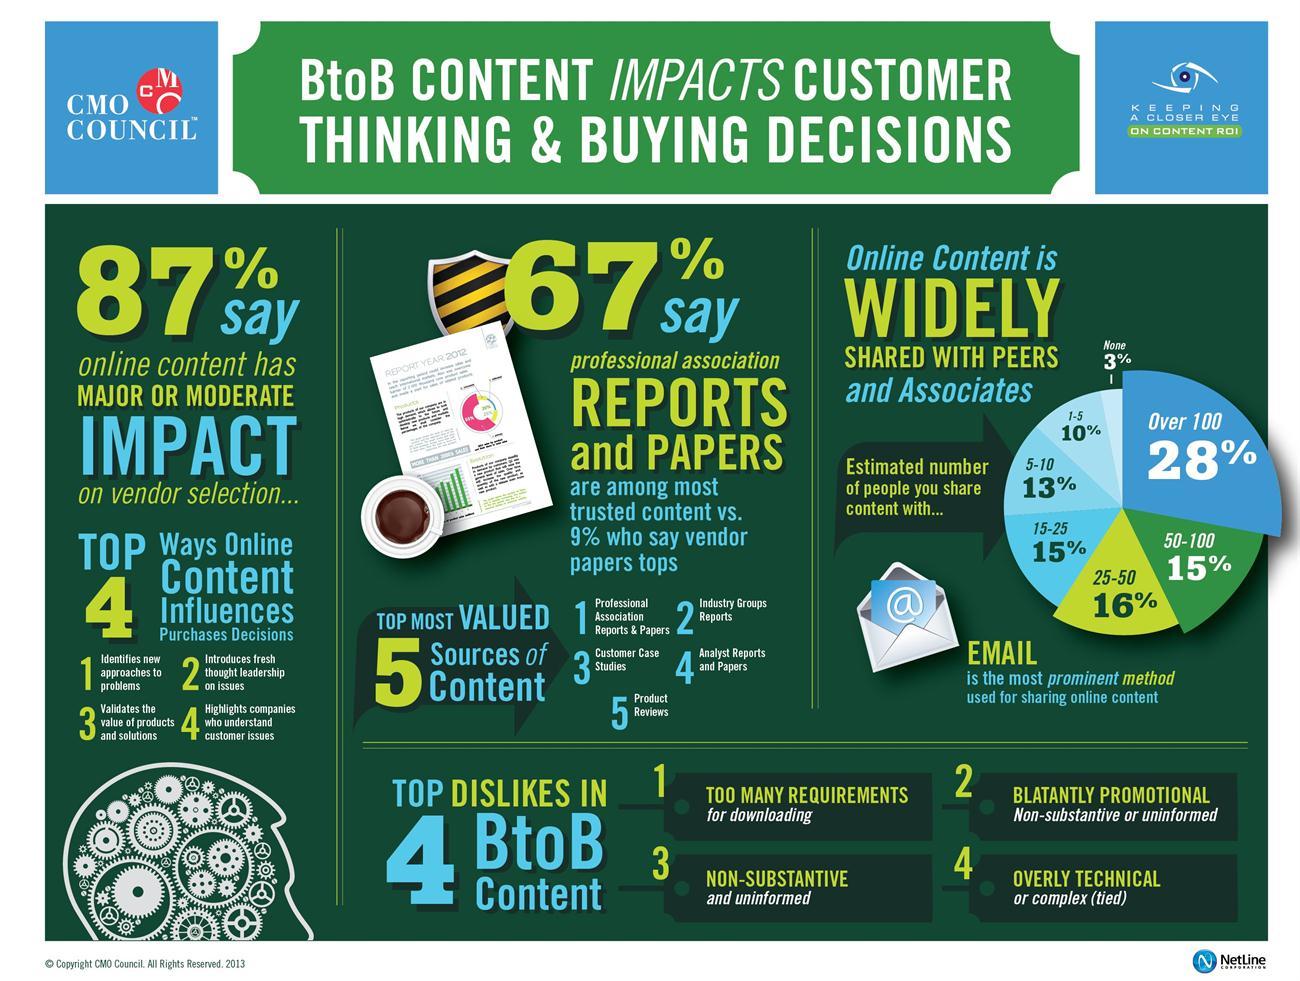 Infografía contenido CMO Council